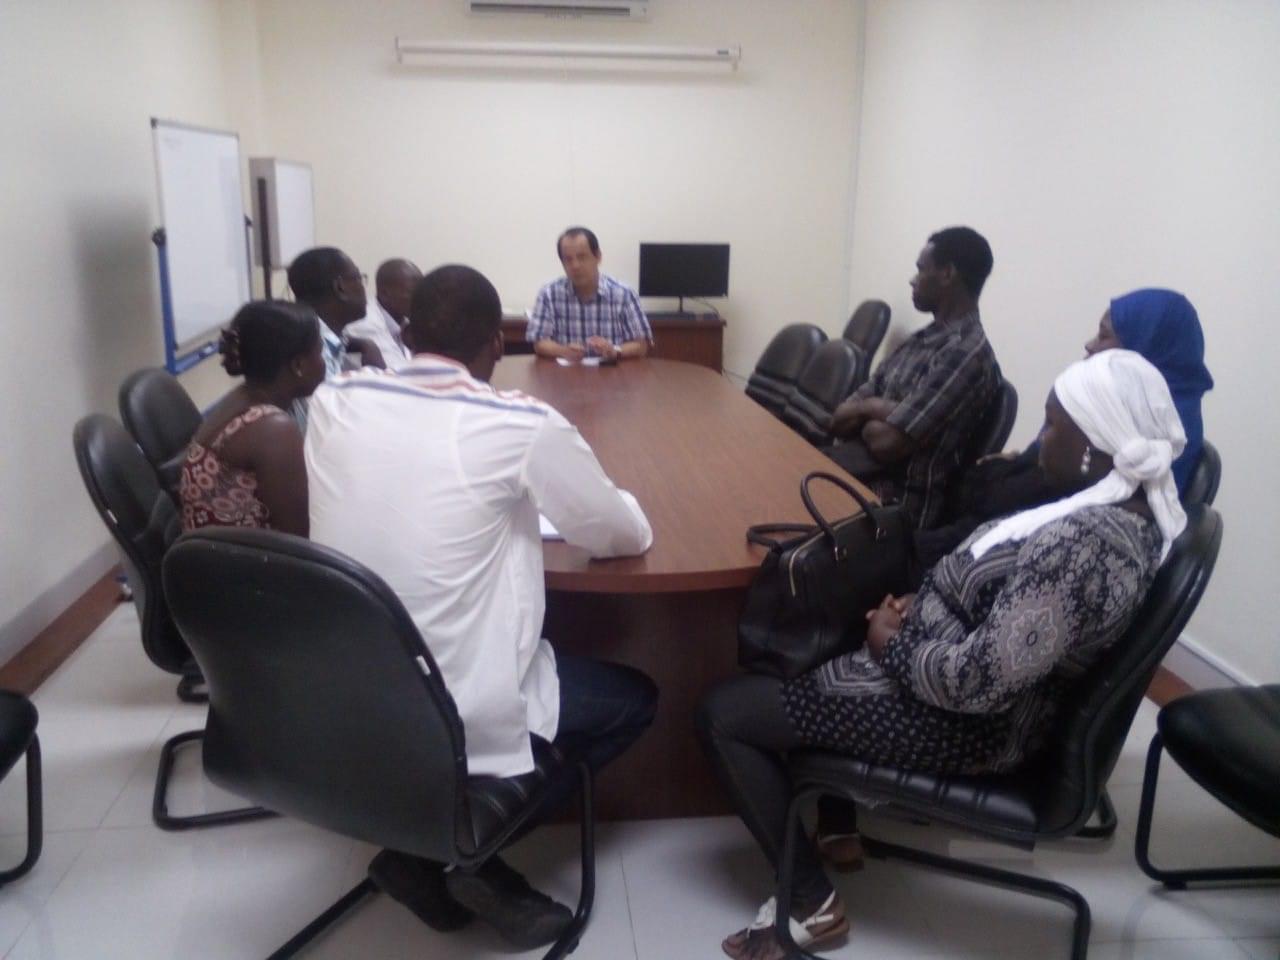 Réunion entre les stagiaires sénégalais et le Dr Phan